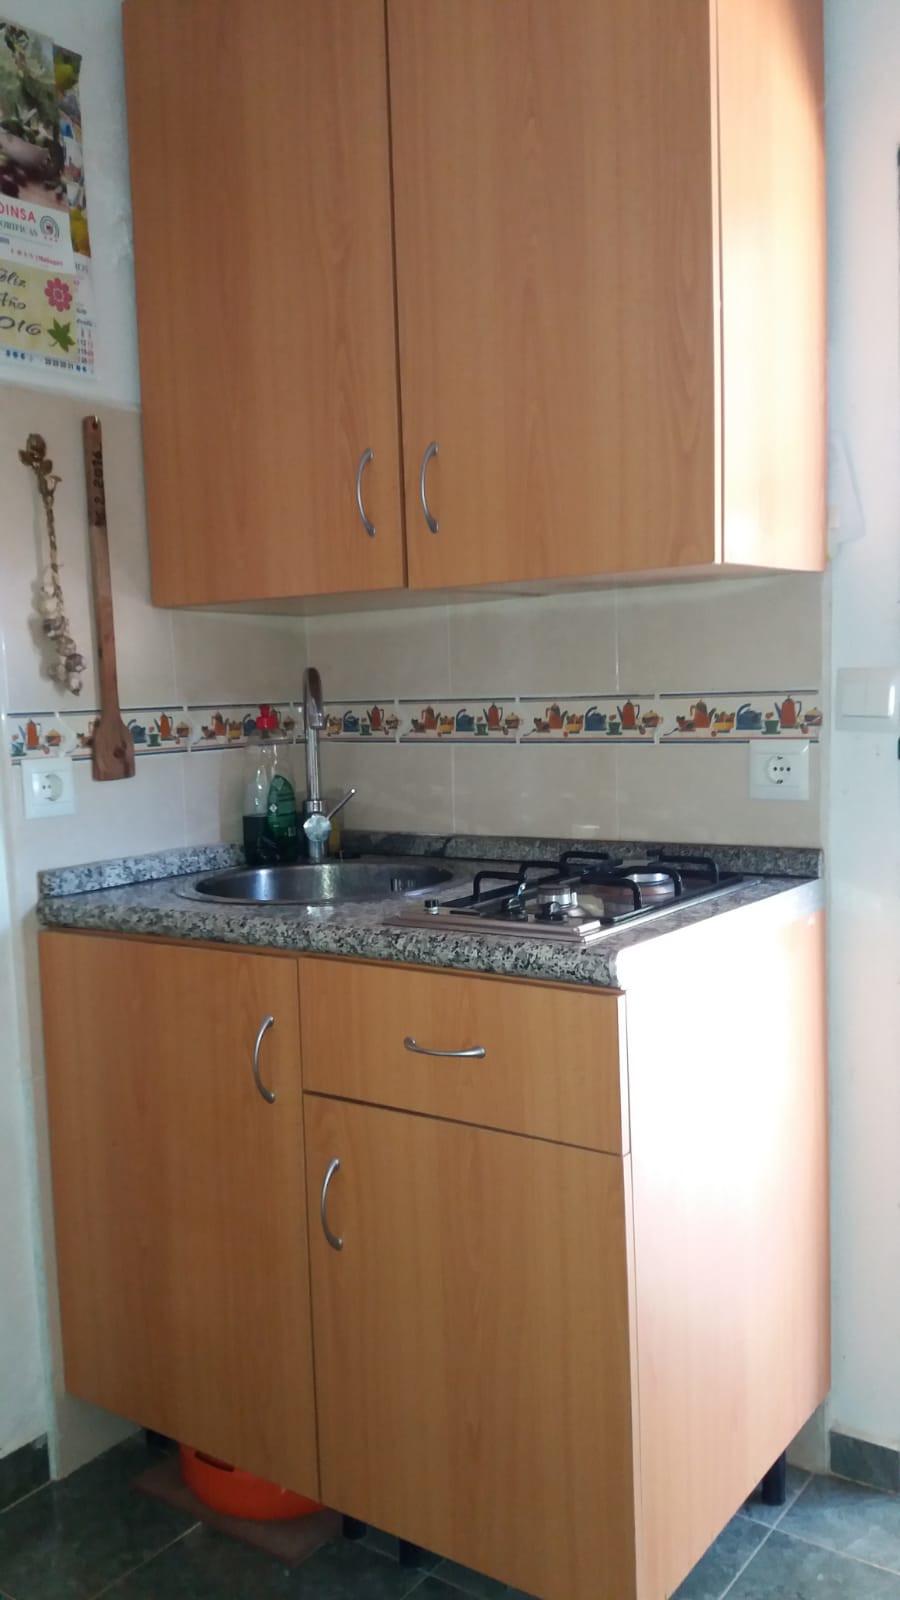 Villa con 1 Dormitorios en Venta Guaro